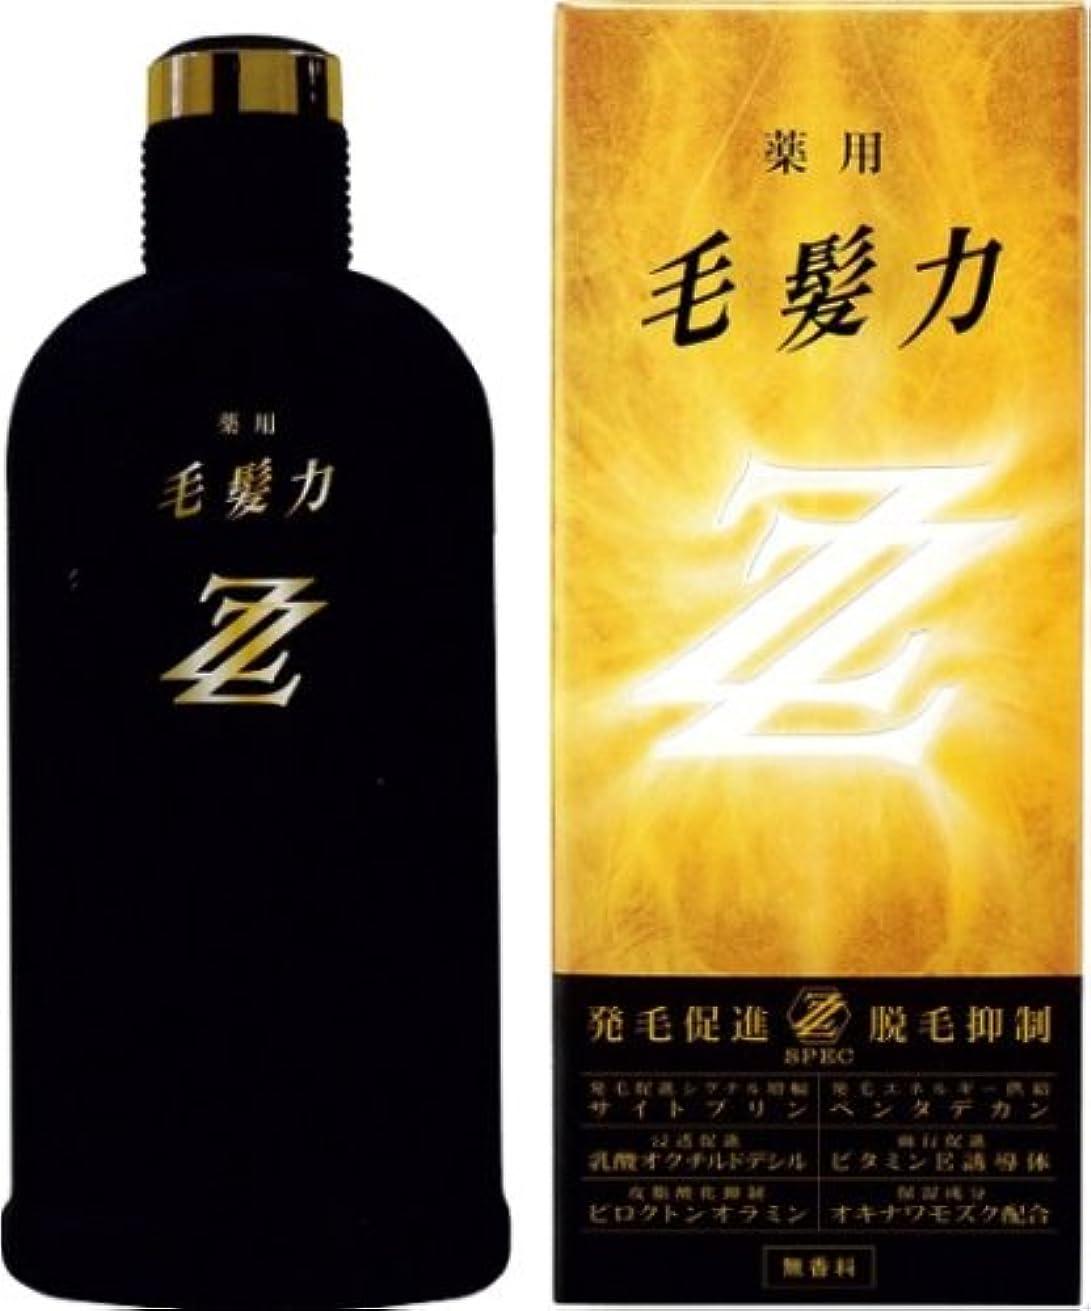 バナナバックグラウンドビタミン薬用毛髪力ZZ(ダブルジー) 育毛剤 200ml(医薬部外品)